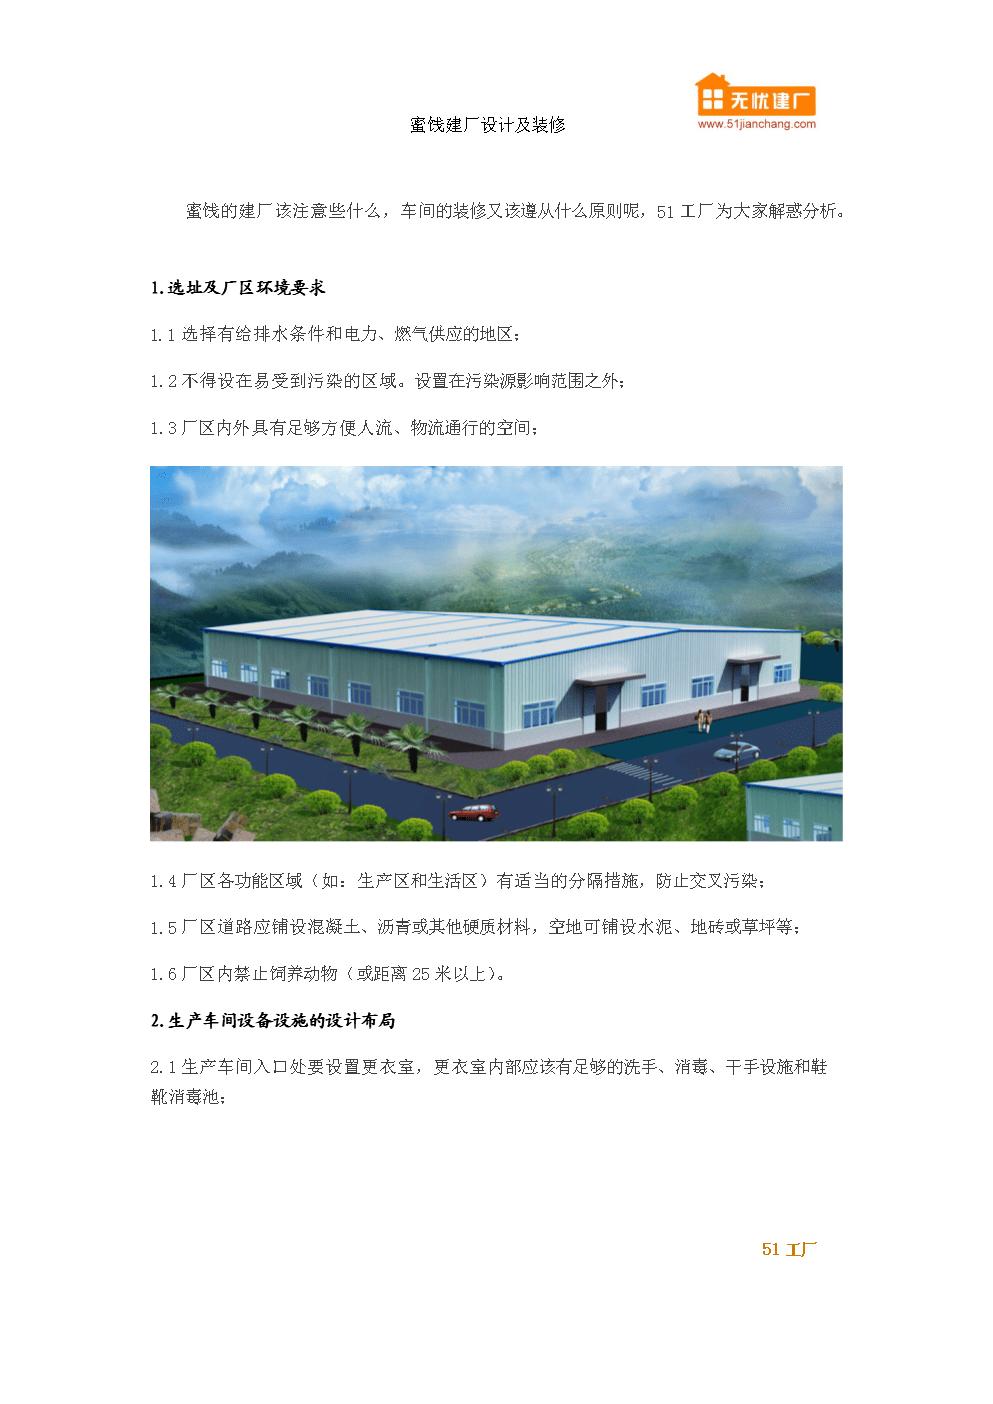 蜜饯建厂设计及装修要求.docx